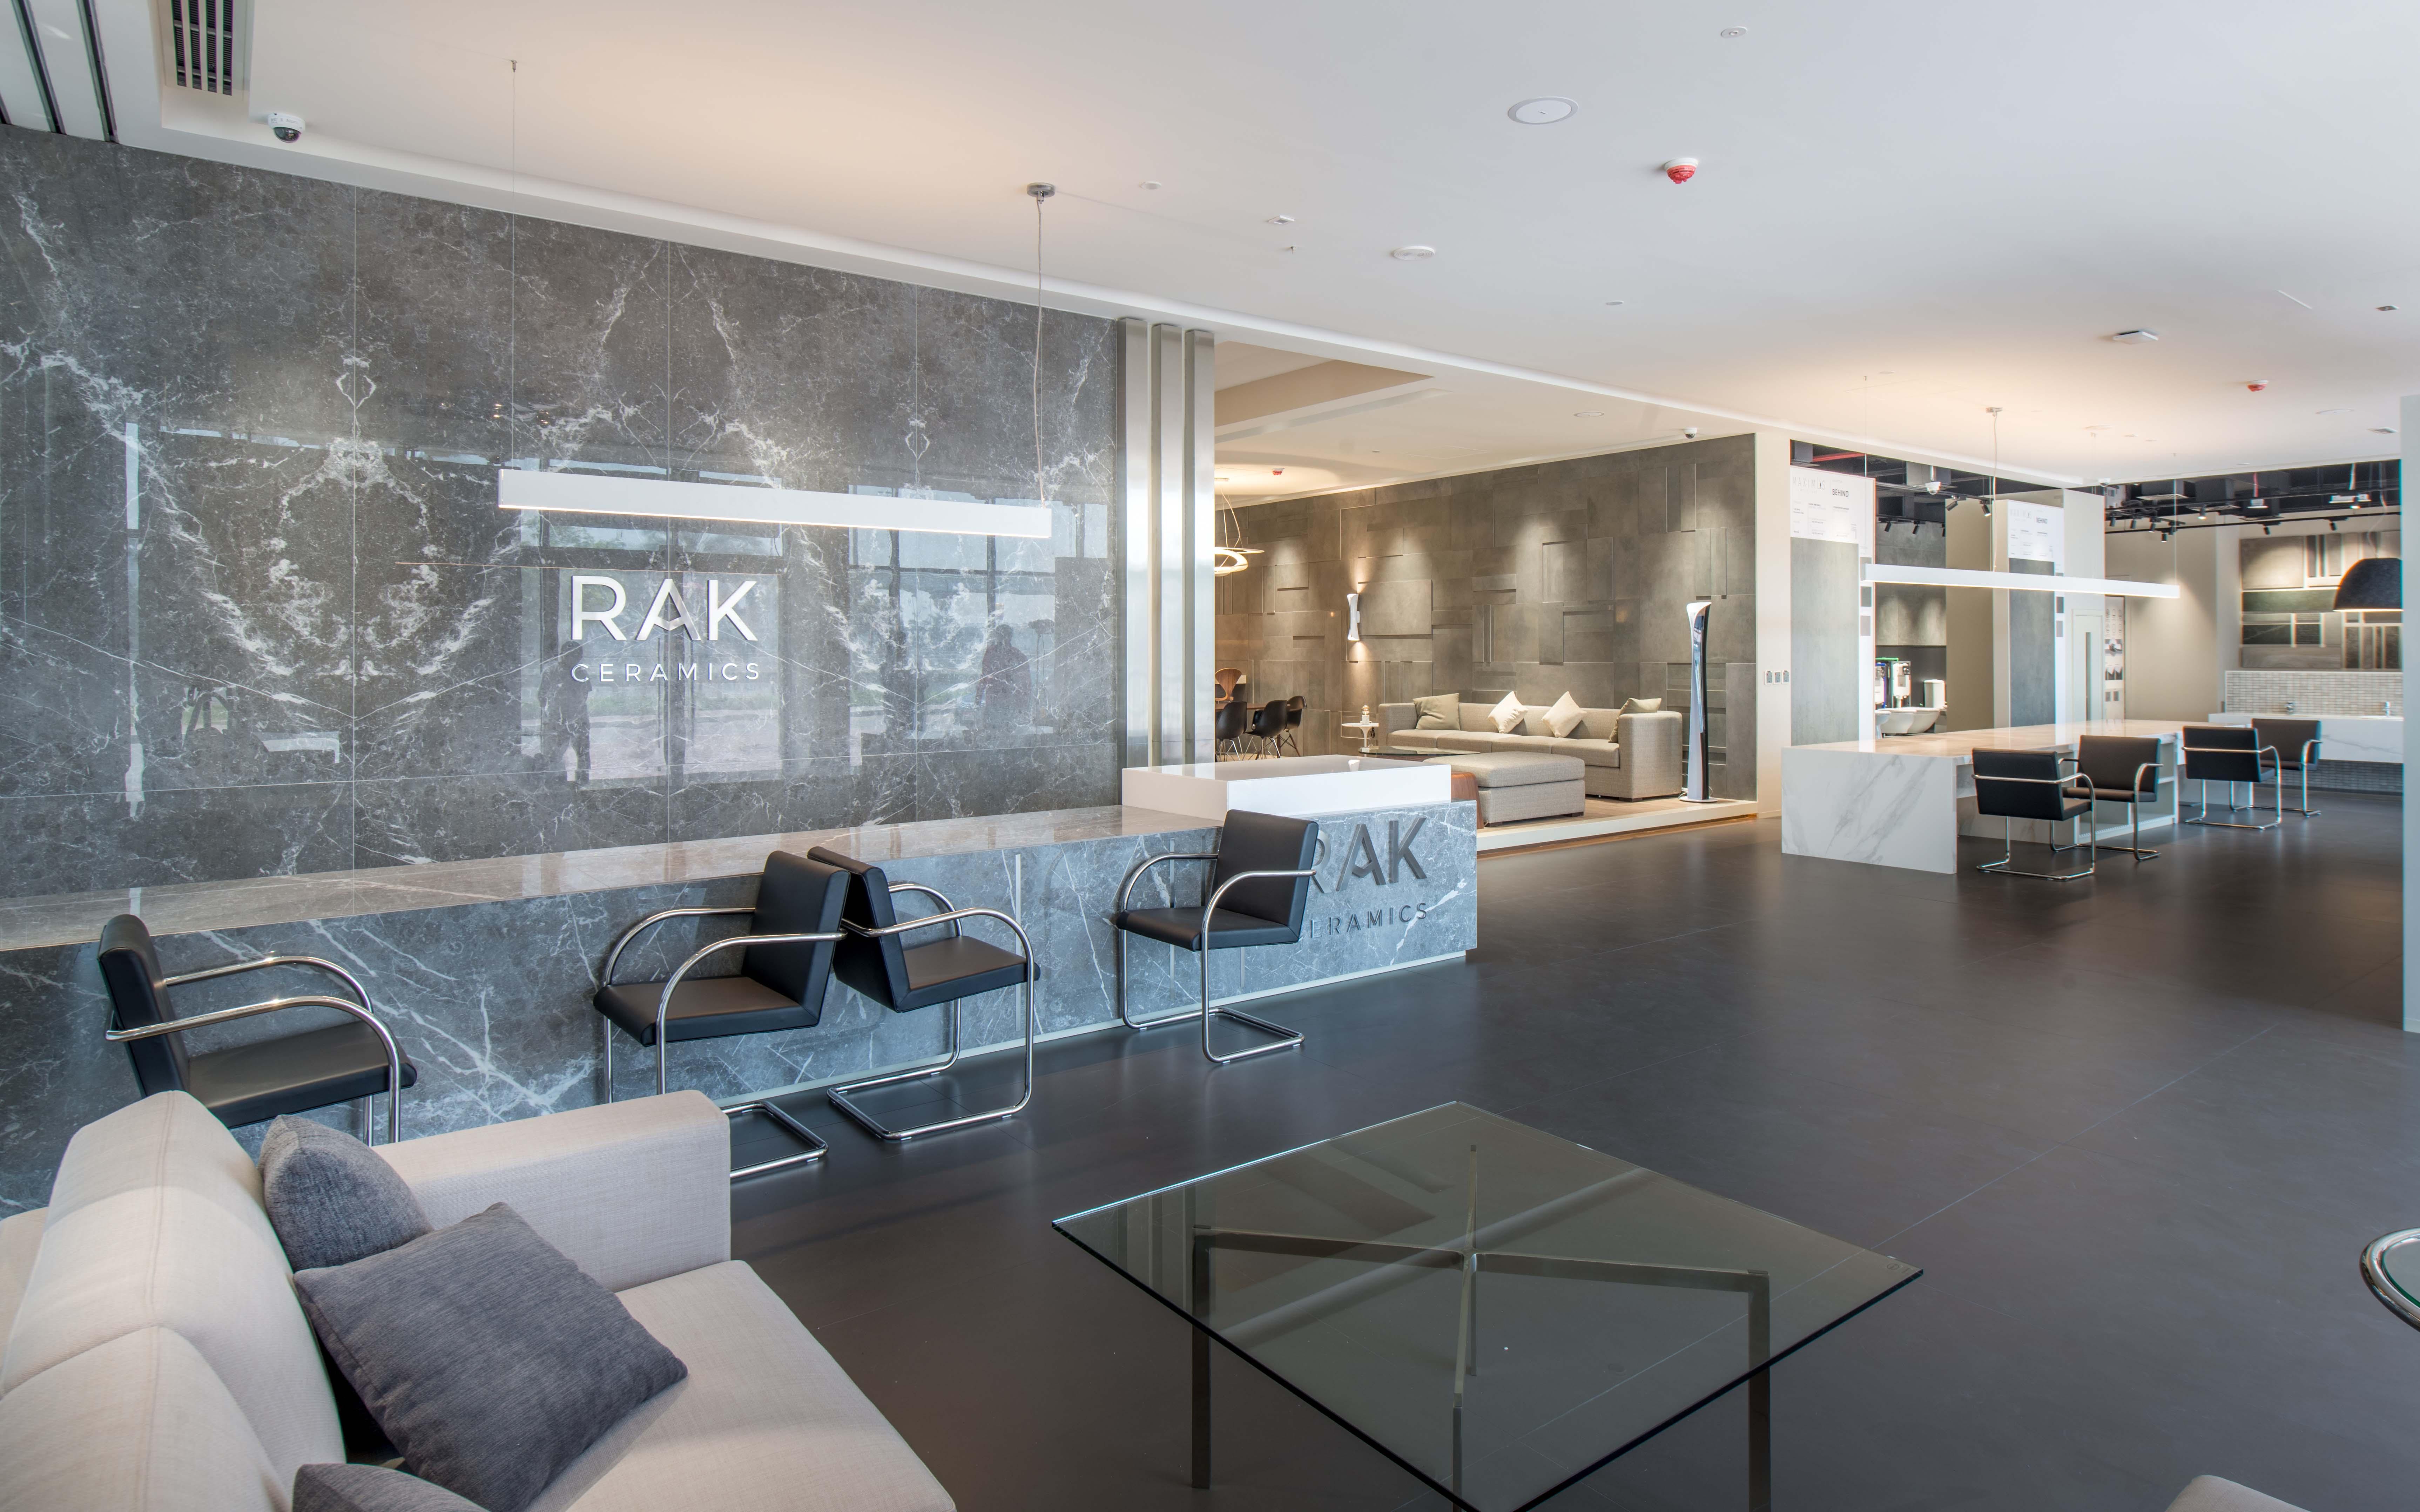 RAK Ceramics Announces Q1 2018 Financial Results